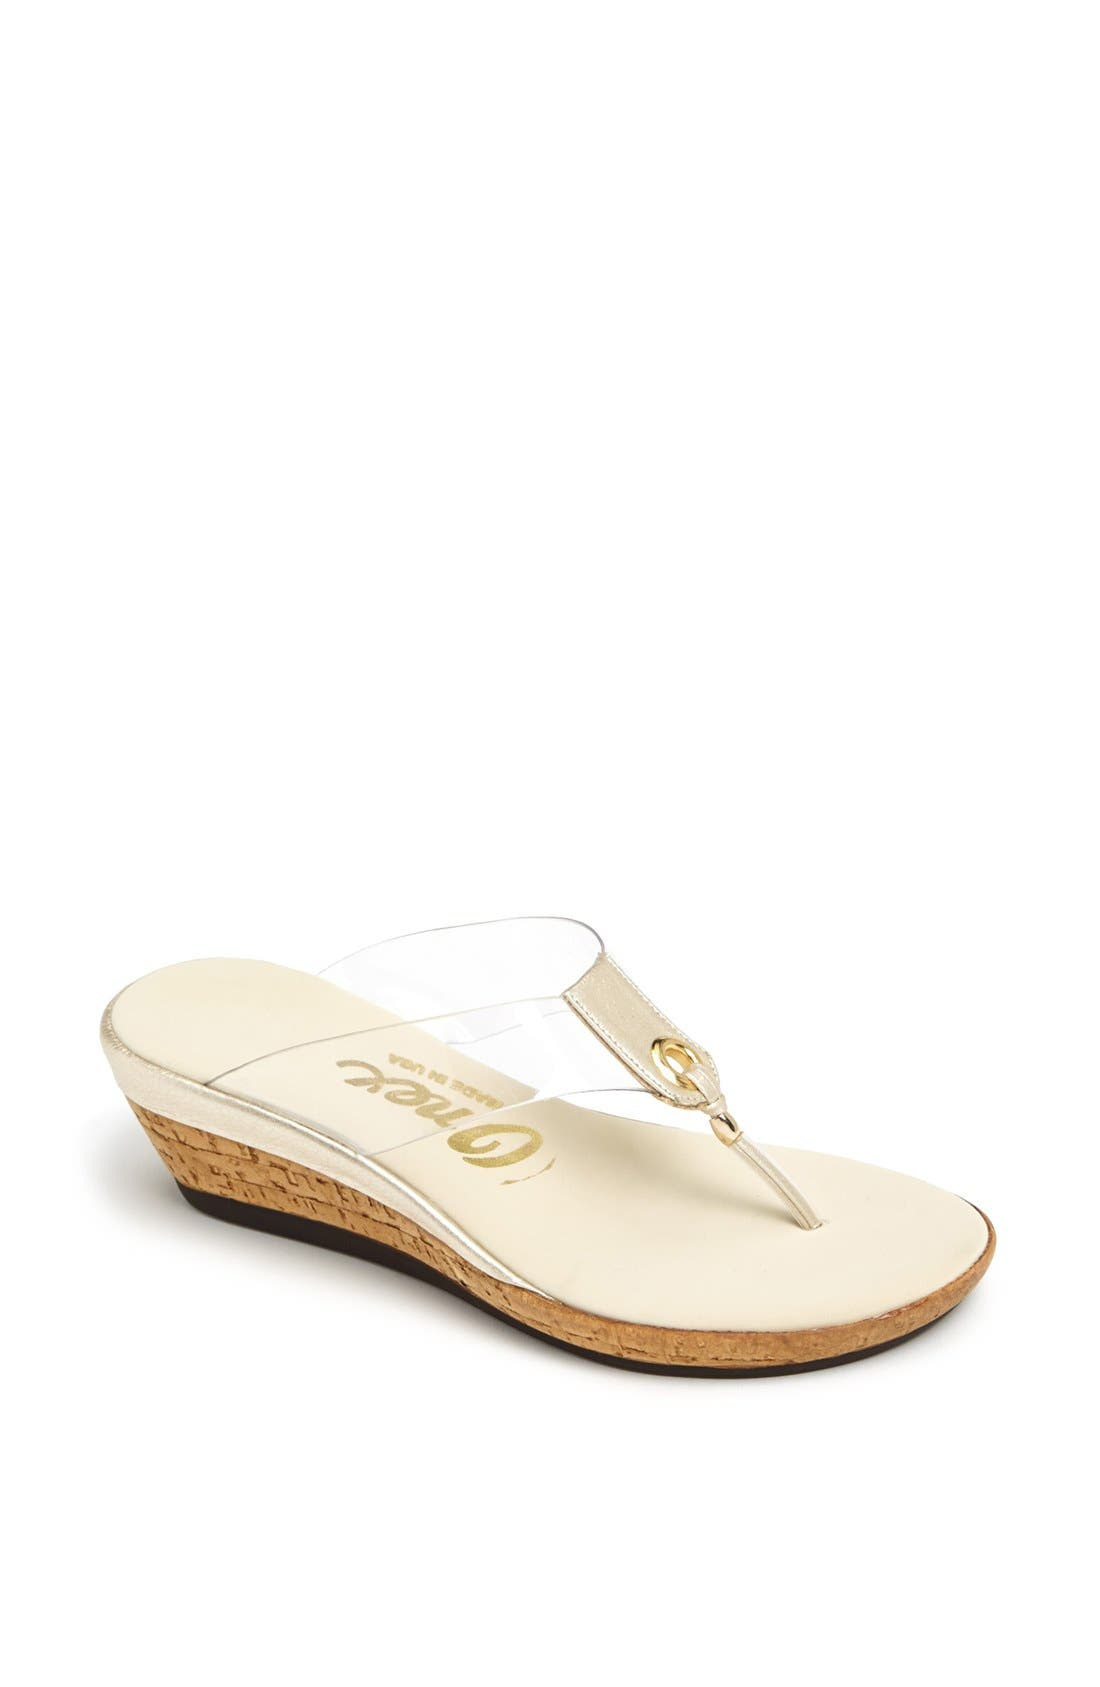 Main Image - Onex 'Brucie' Wedge Sandal